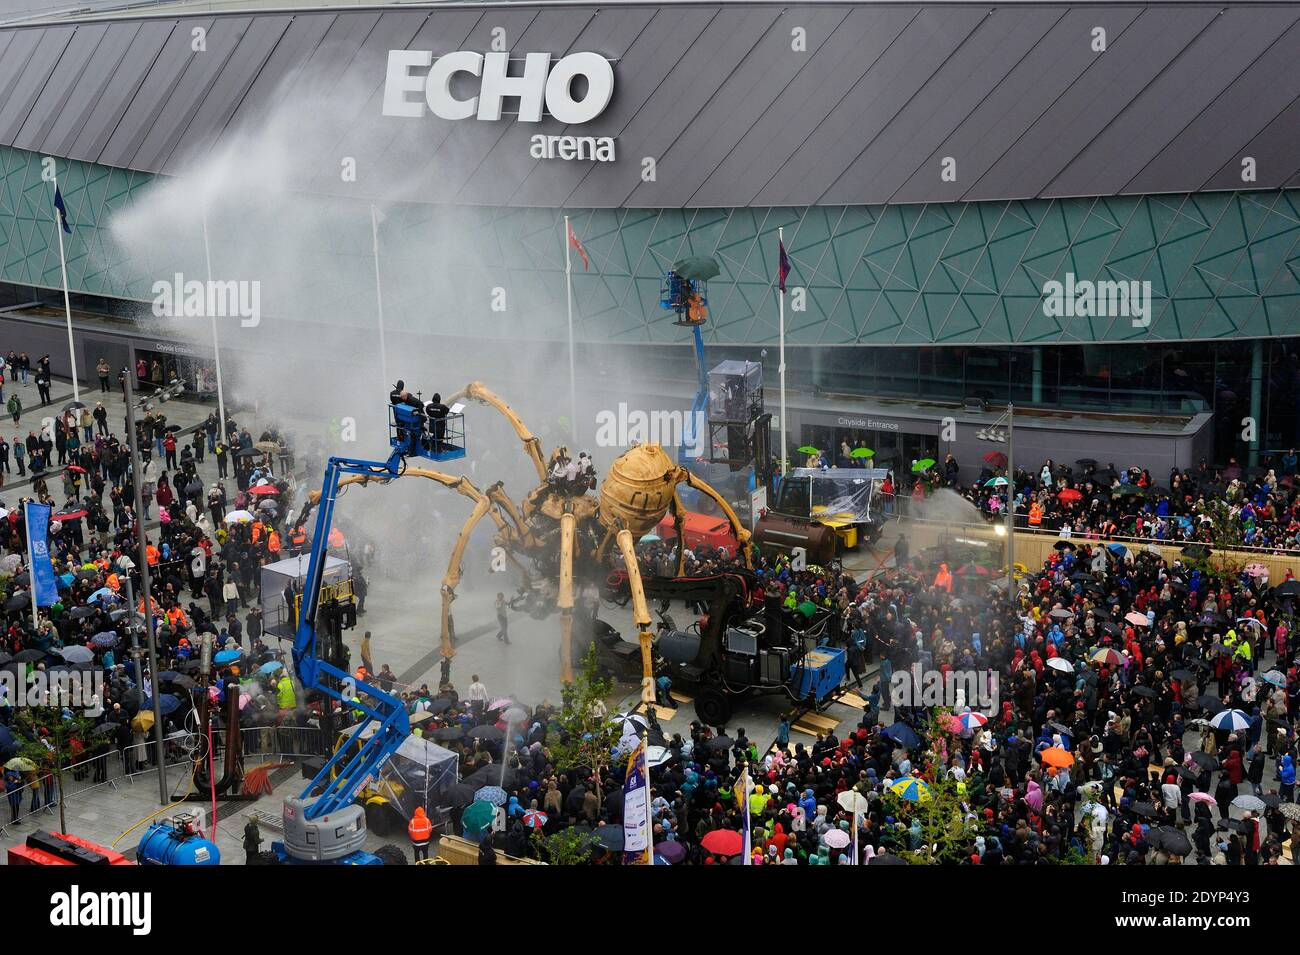 La Princesse, l'araignée mécanique géante créée par la machine, à Liverpool en 2008, capitale européenne de la culture Banque D'Images